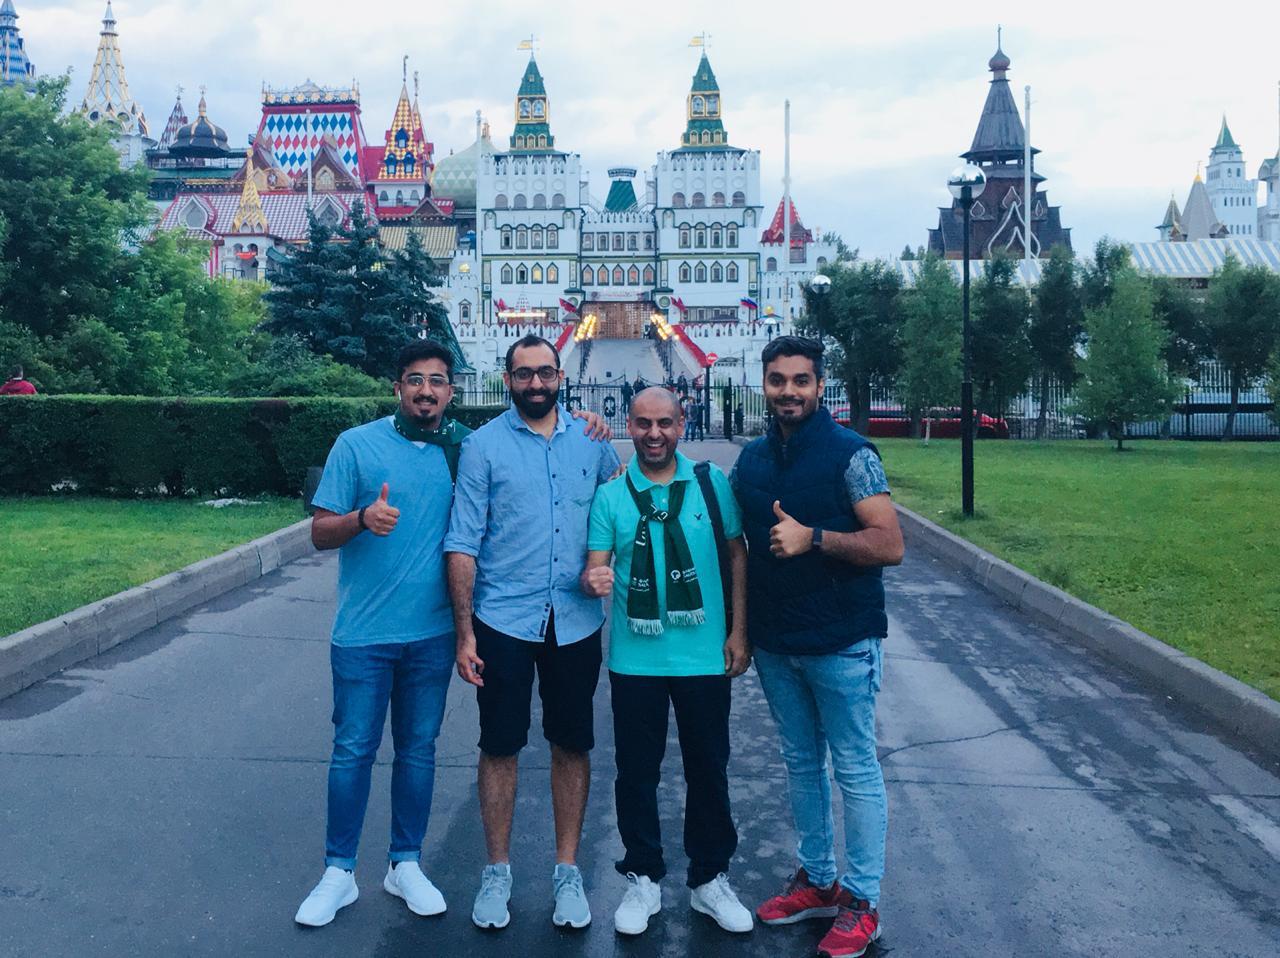 ممثلي نادي الخليج في الملتقى الجماهيري الأول يساندون الأخضر في مونديال روسيا 2018